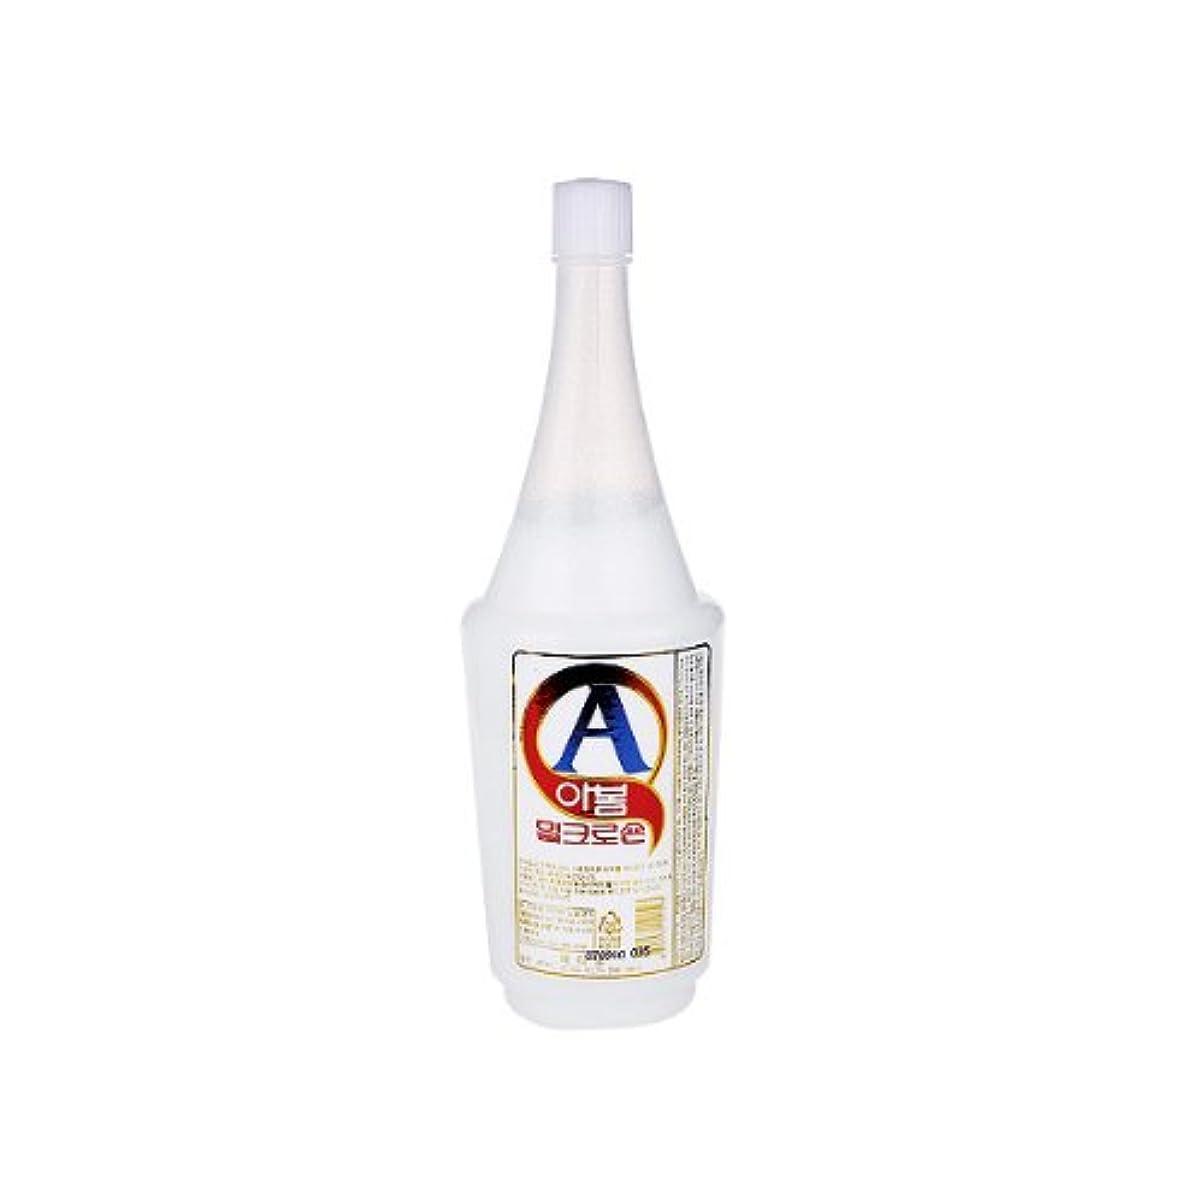 ビールマントに付けるアボム ミルクローション 450ml マッサージ用 乳液 業務用